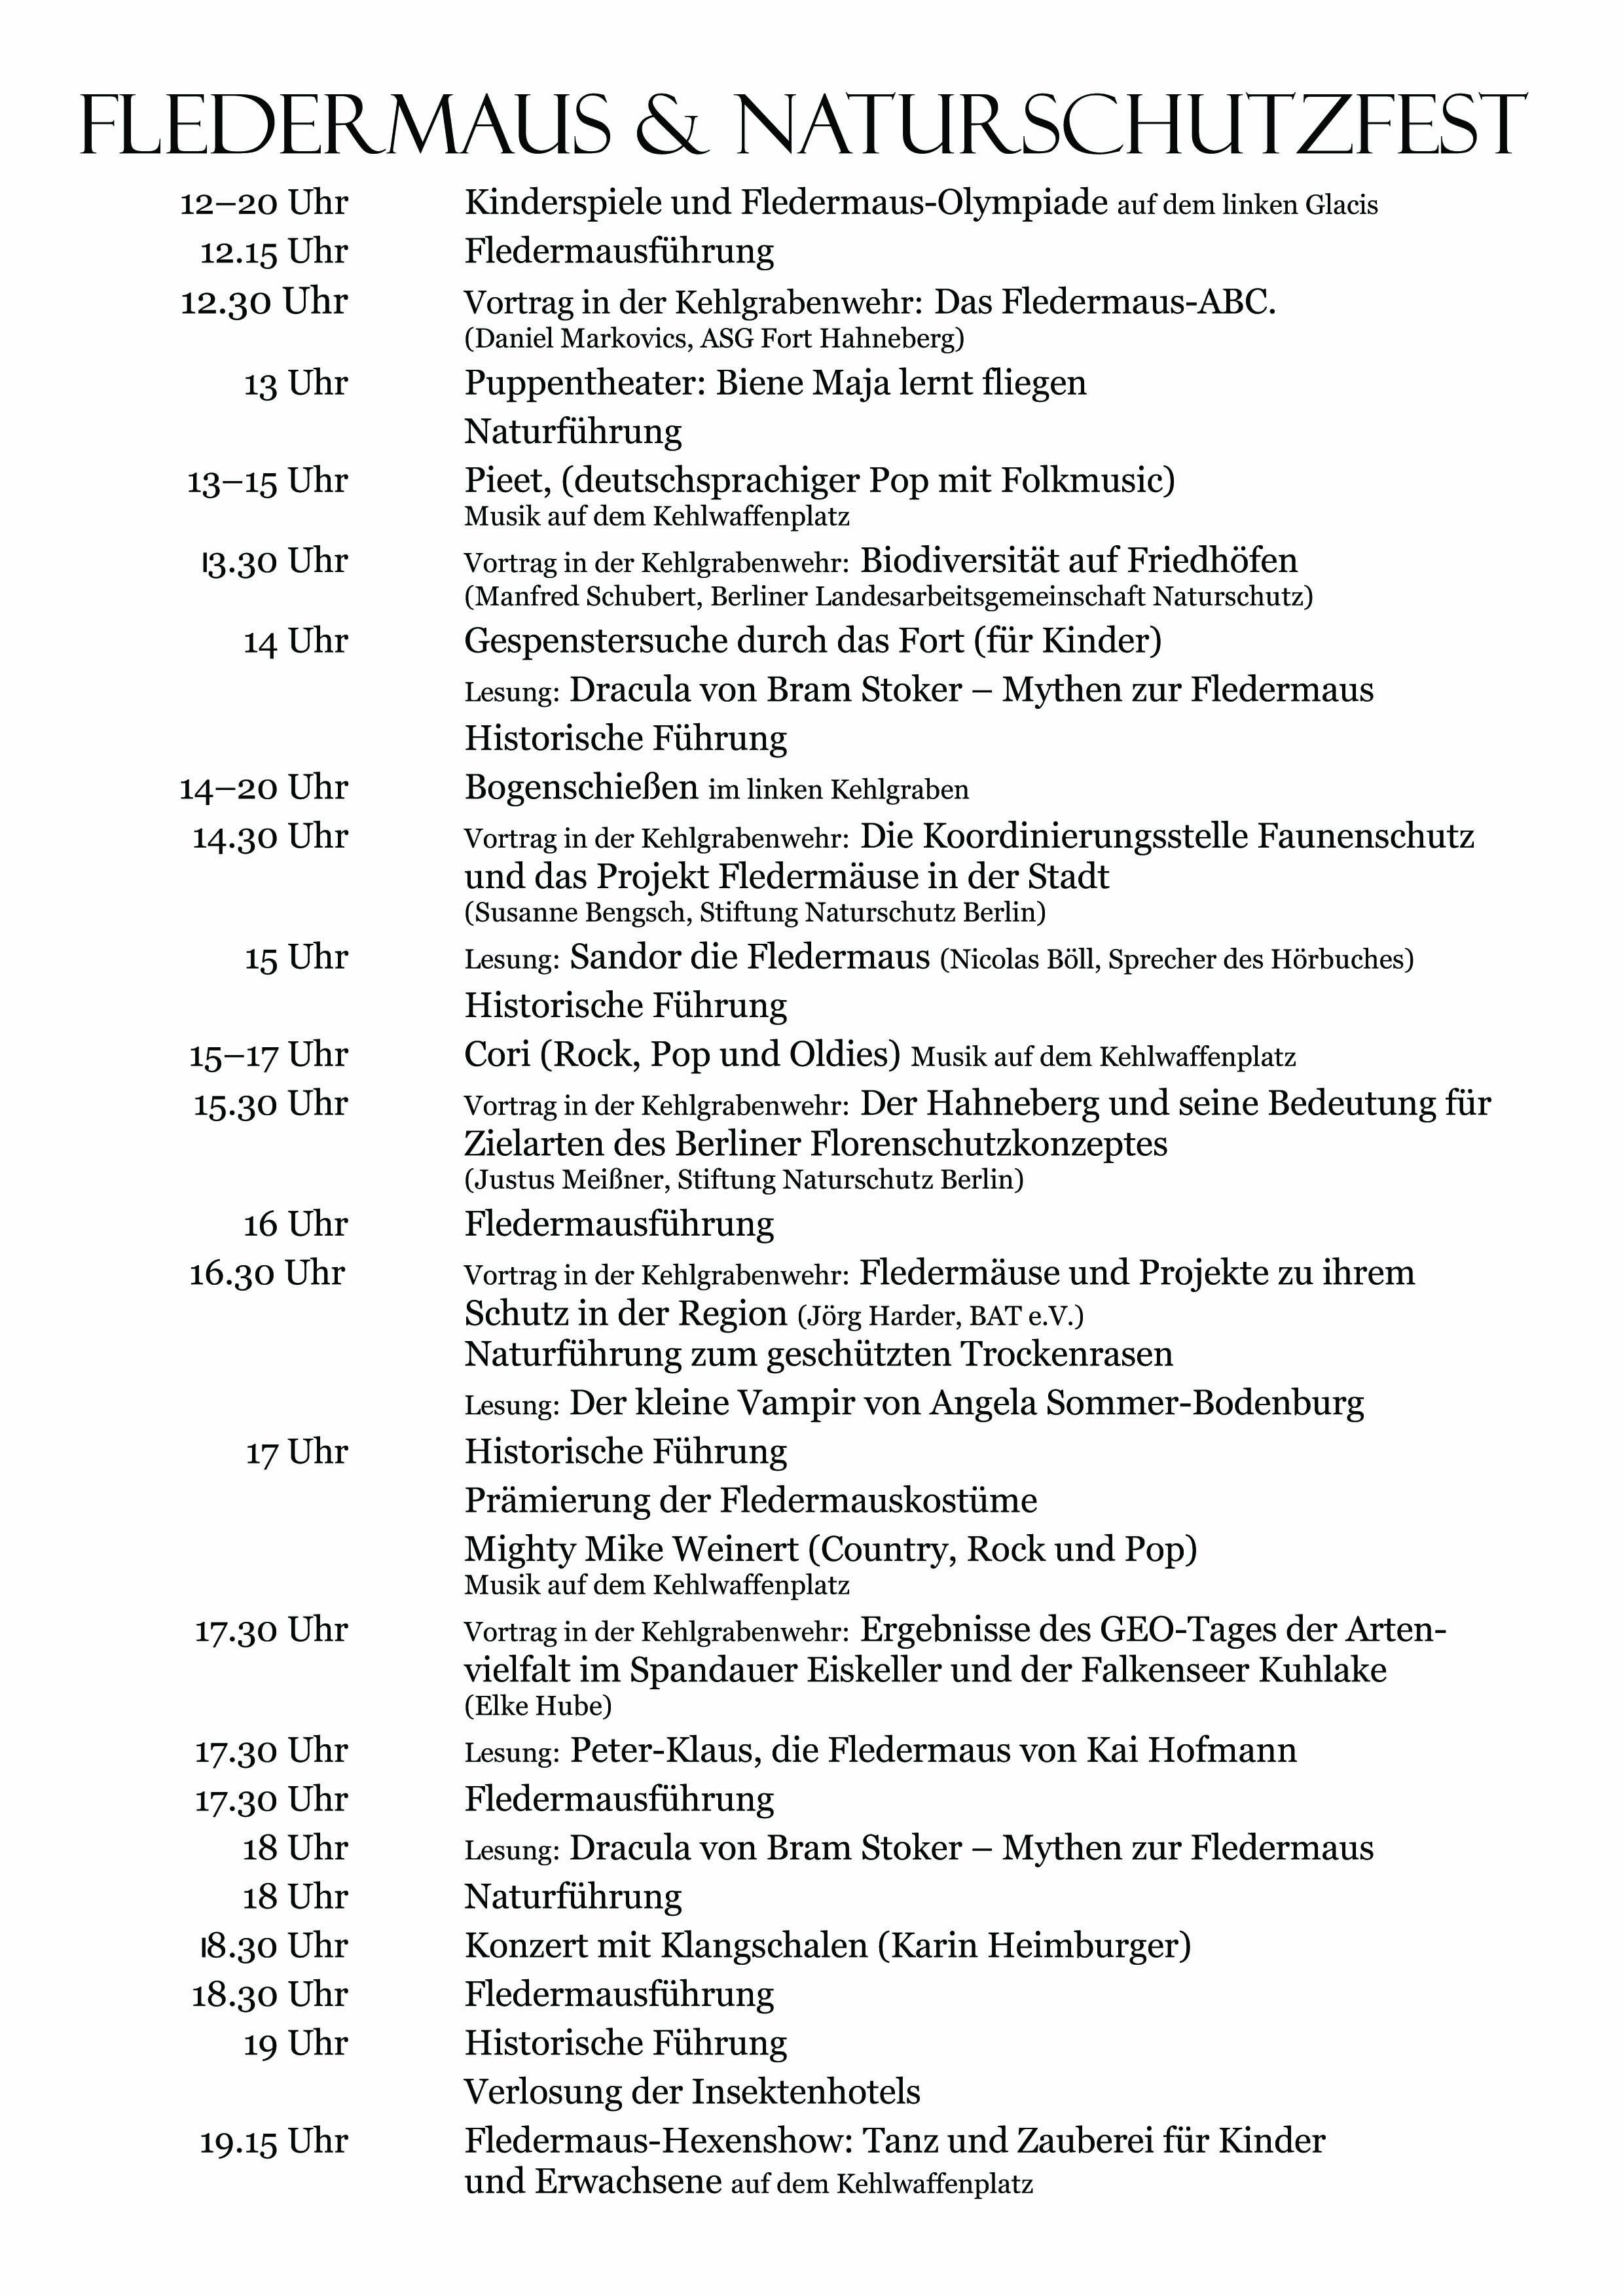 Programm Naturschutzfest2016 klein